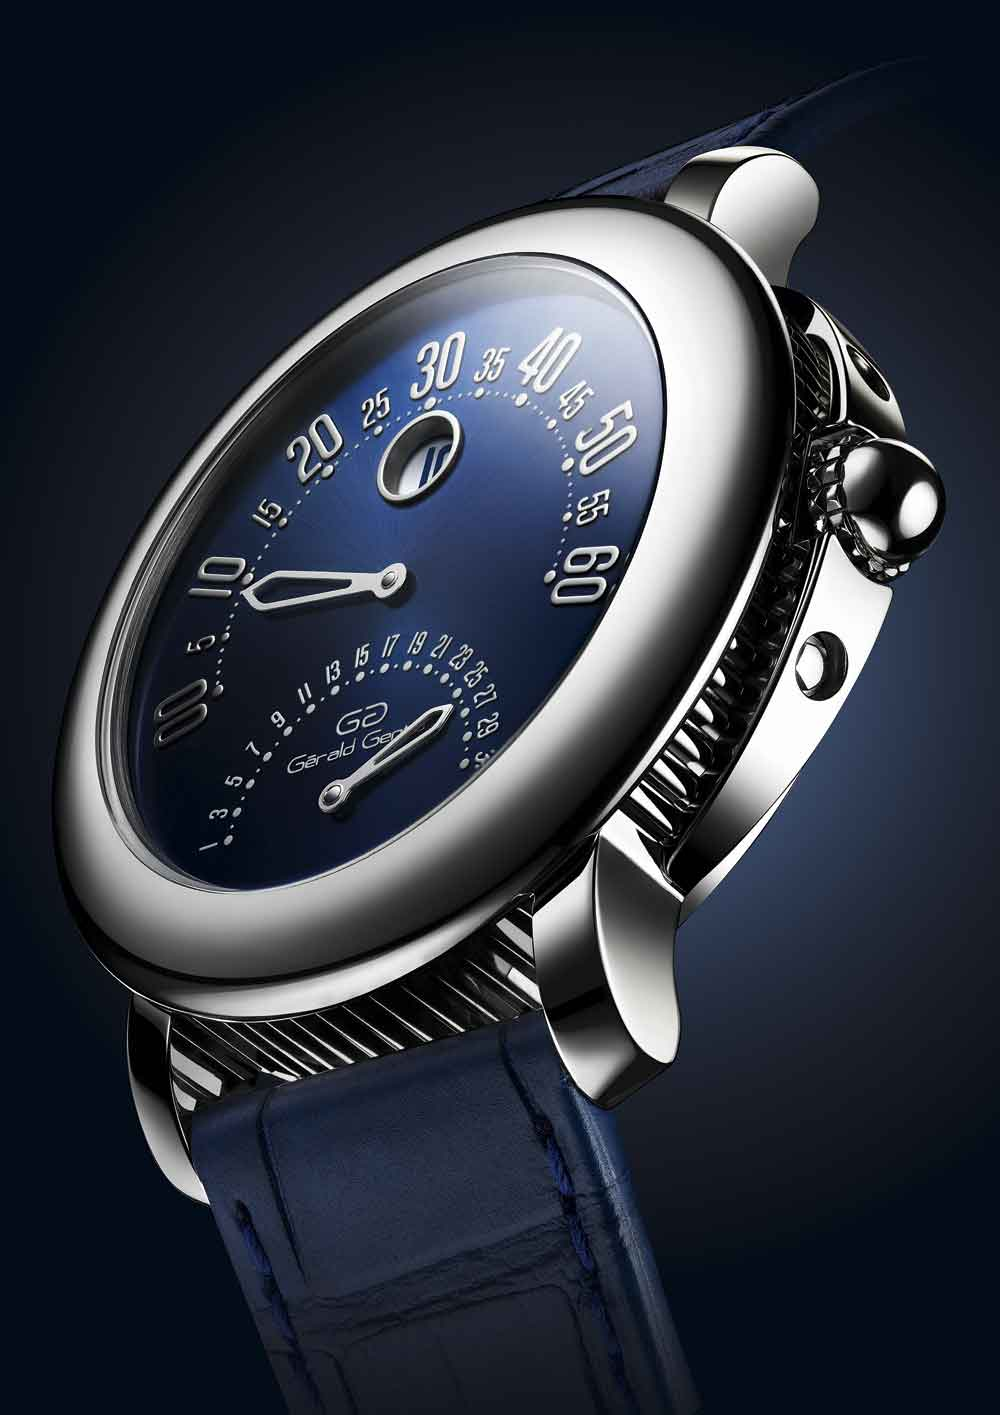 Reloj Bulgari 50 aniversario Gerald Genta